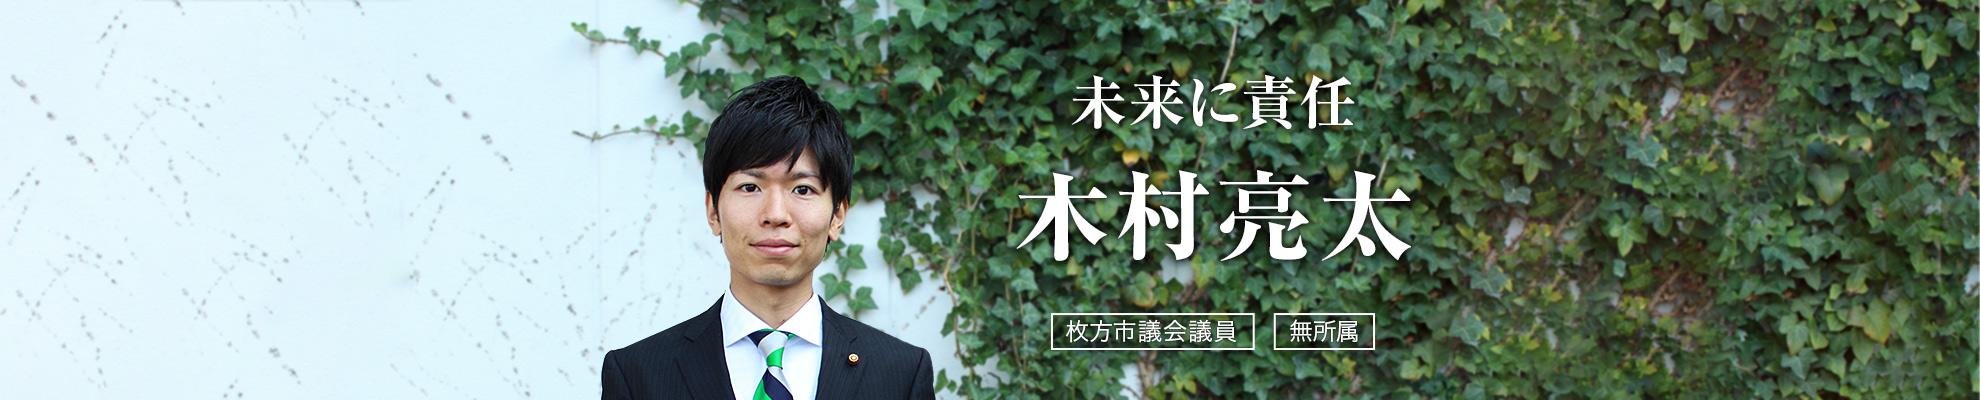 枚方市議会議員 木村亮太